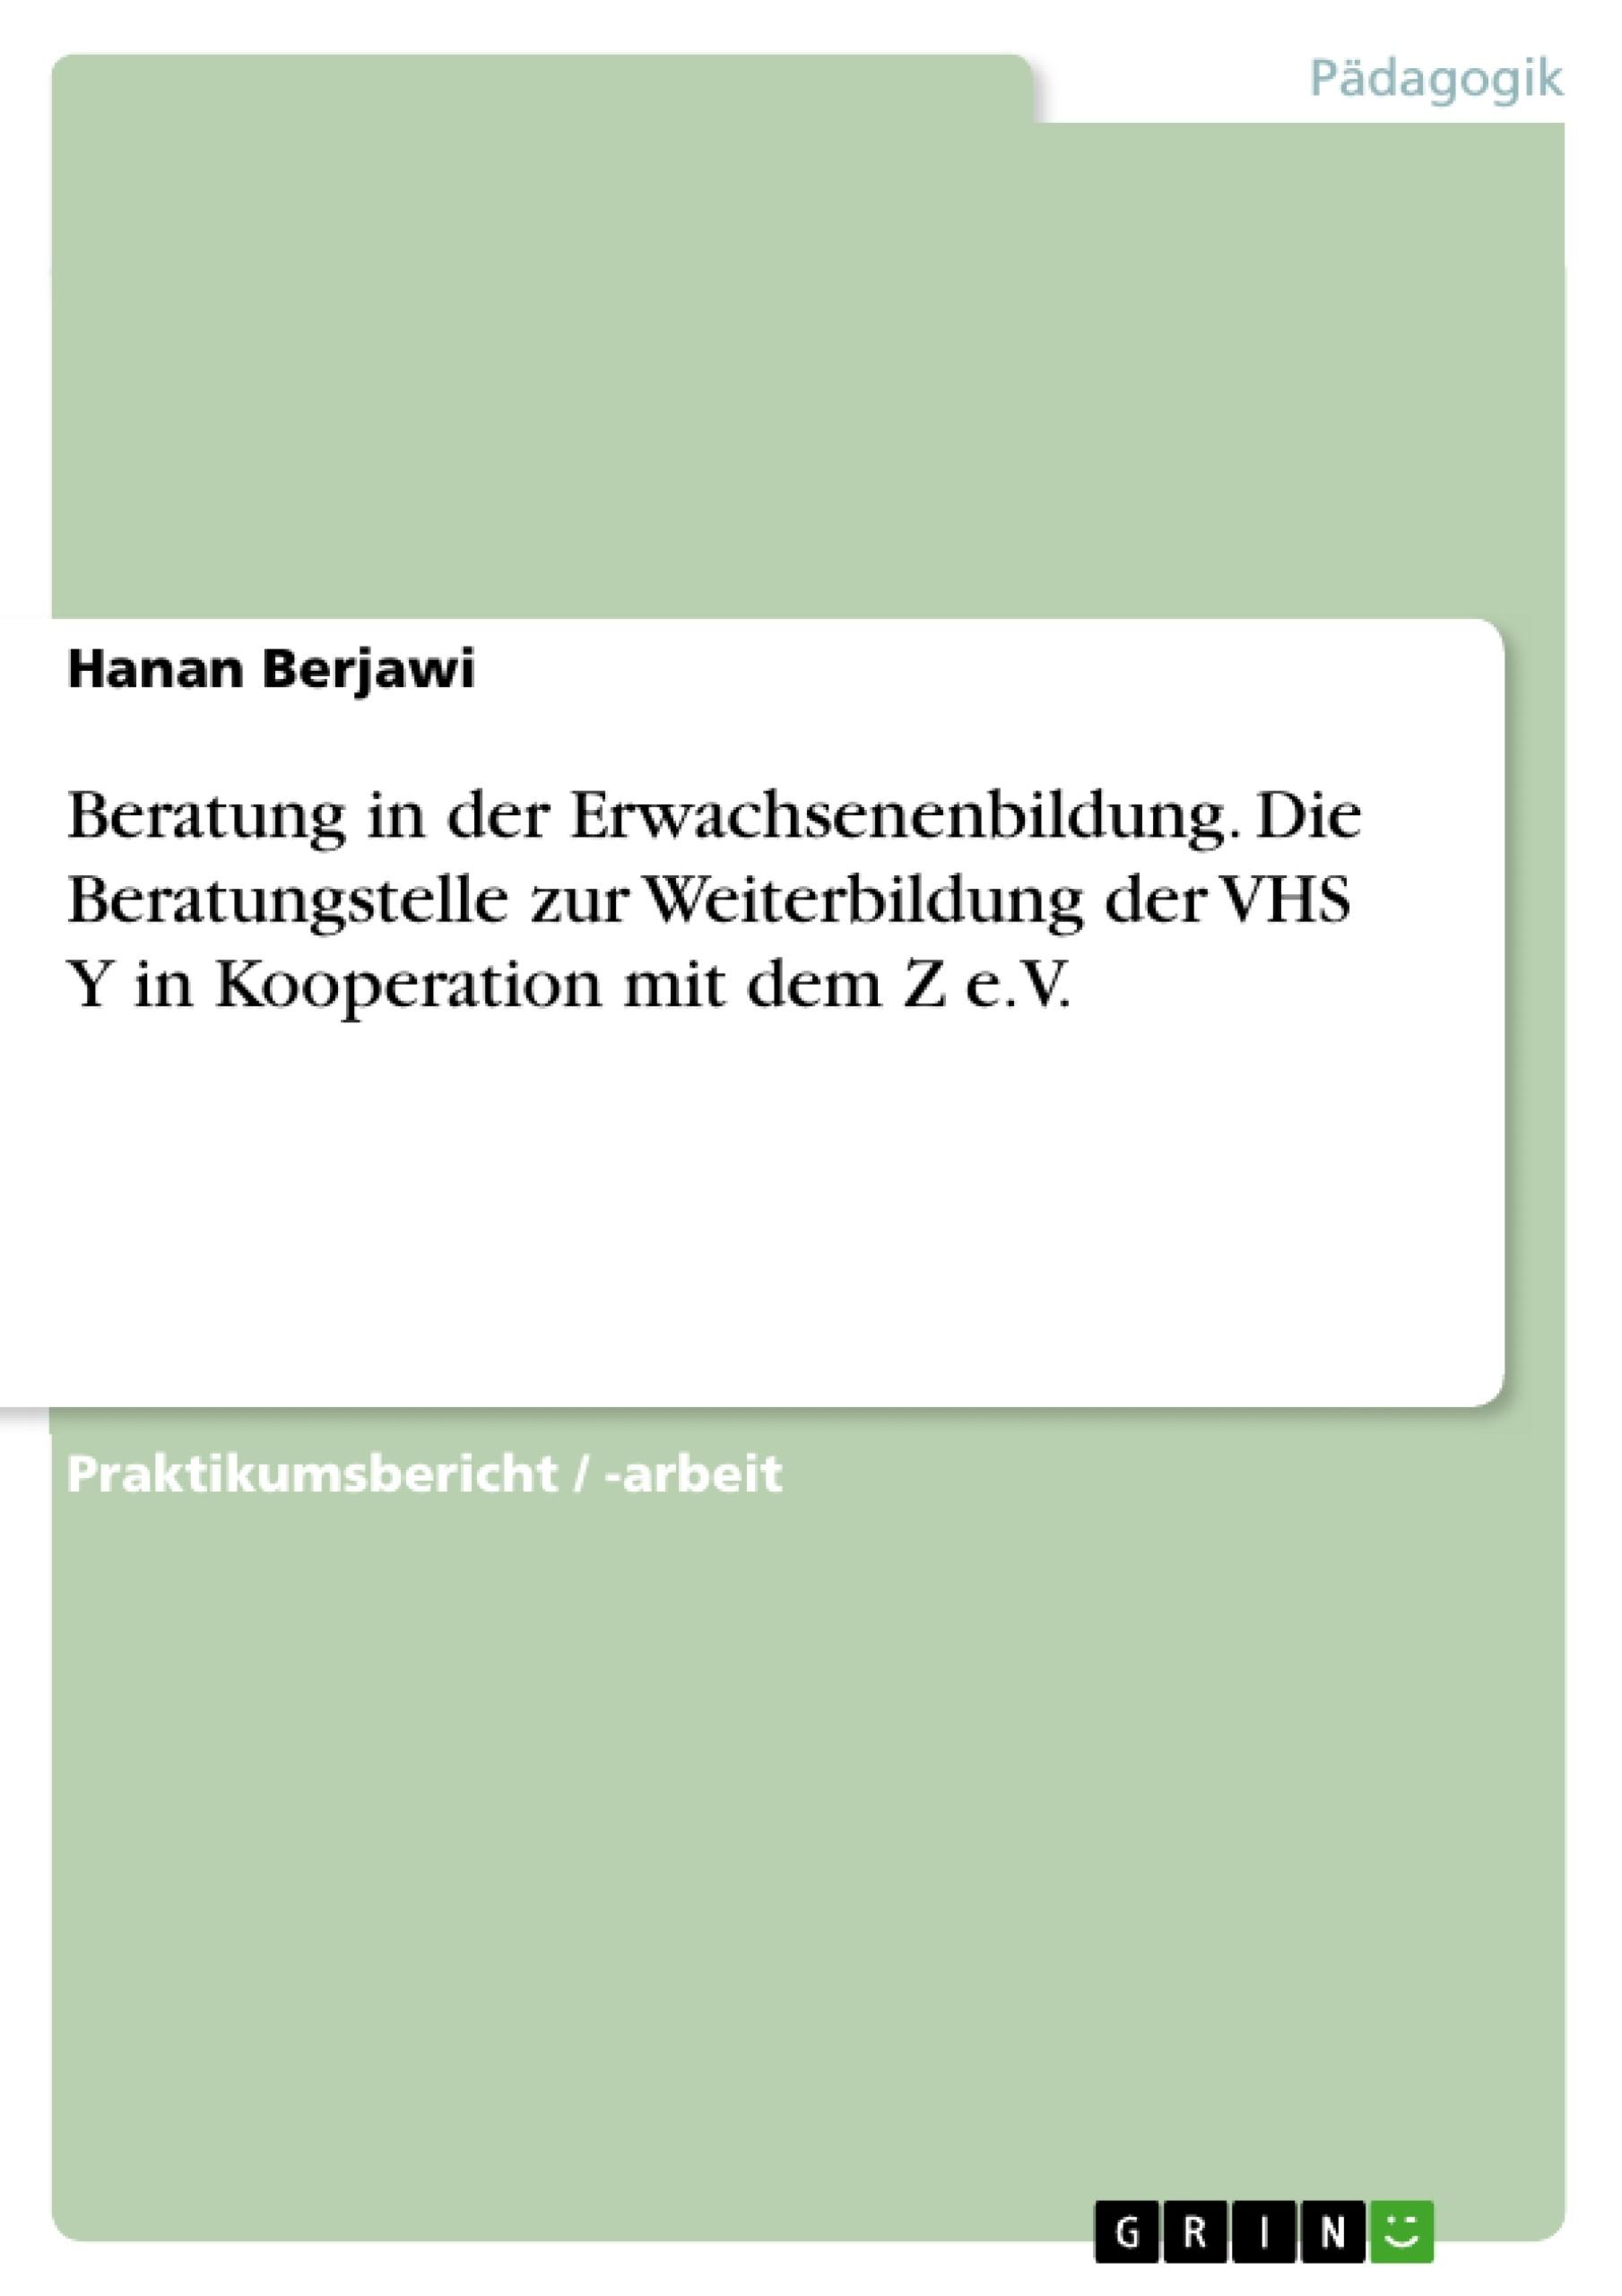 Titel: Beratung in der Erwachsenenbildung. Die Beratungstelle zur Weiterbildung der VHS Y in Kooperation mit dem Z e.V.